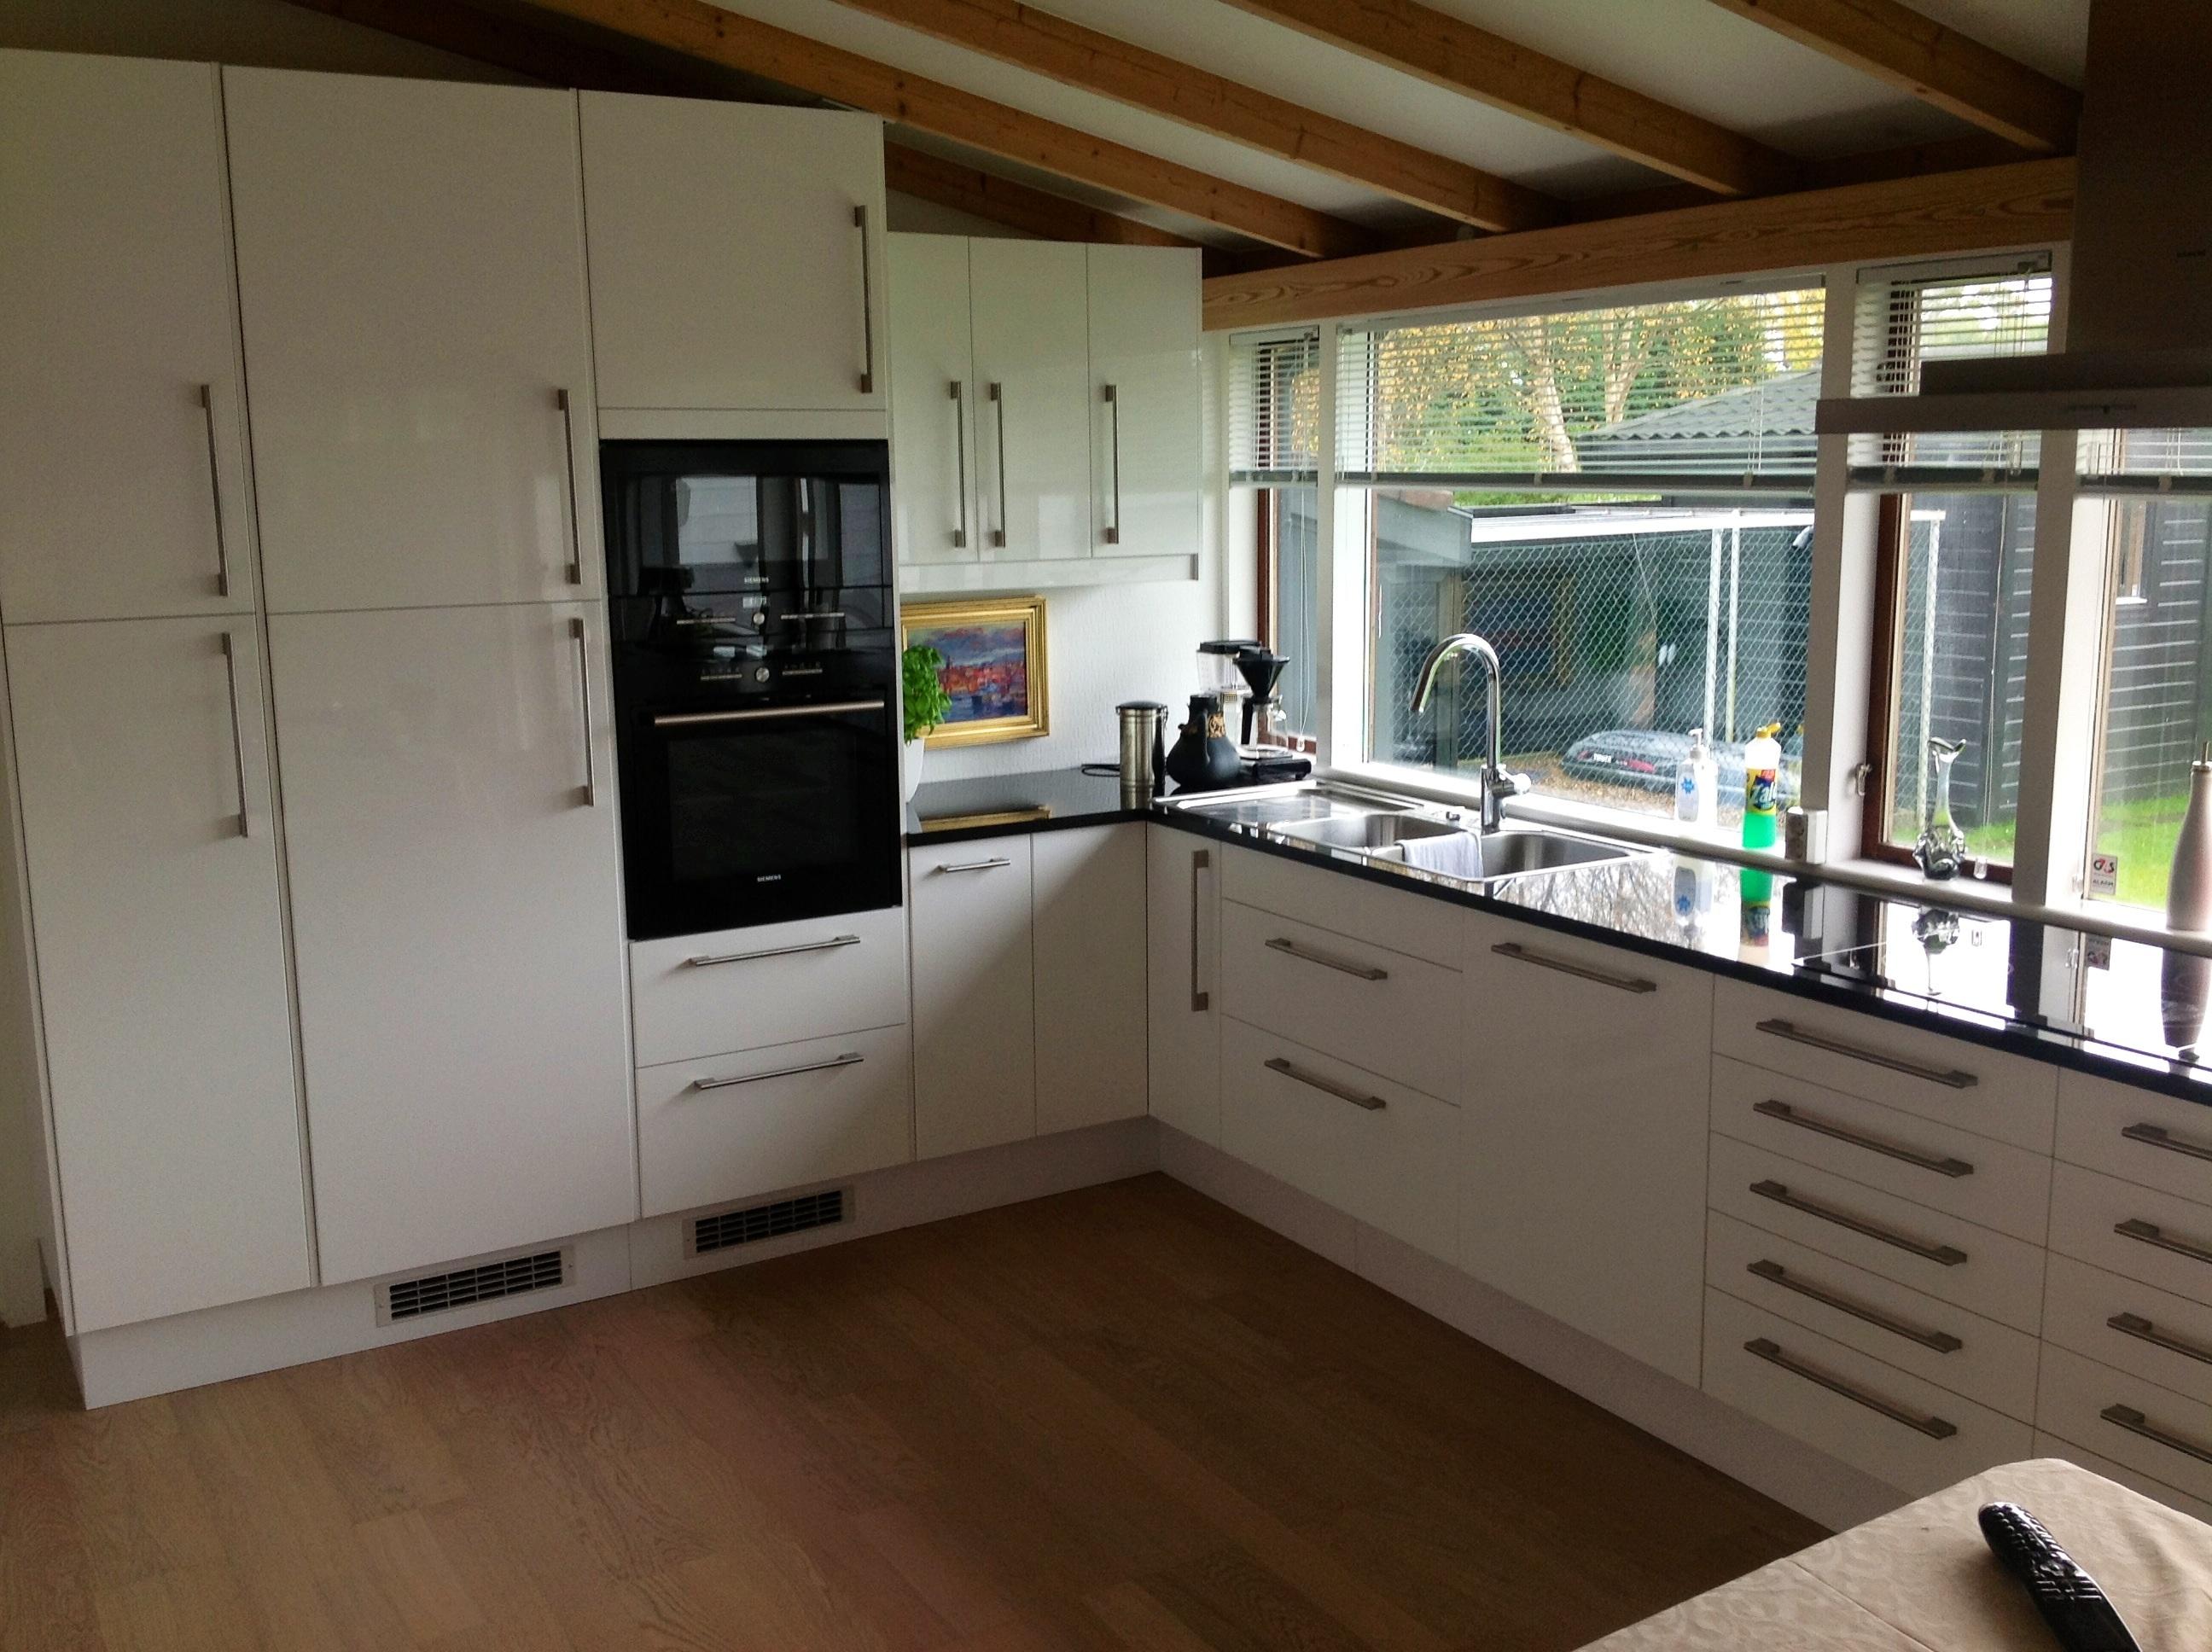 Montering håndtak kjøkkenskap - image.jpg - Gøffe